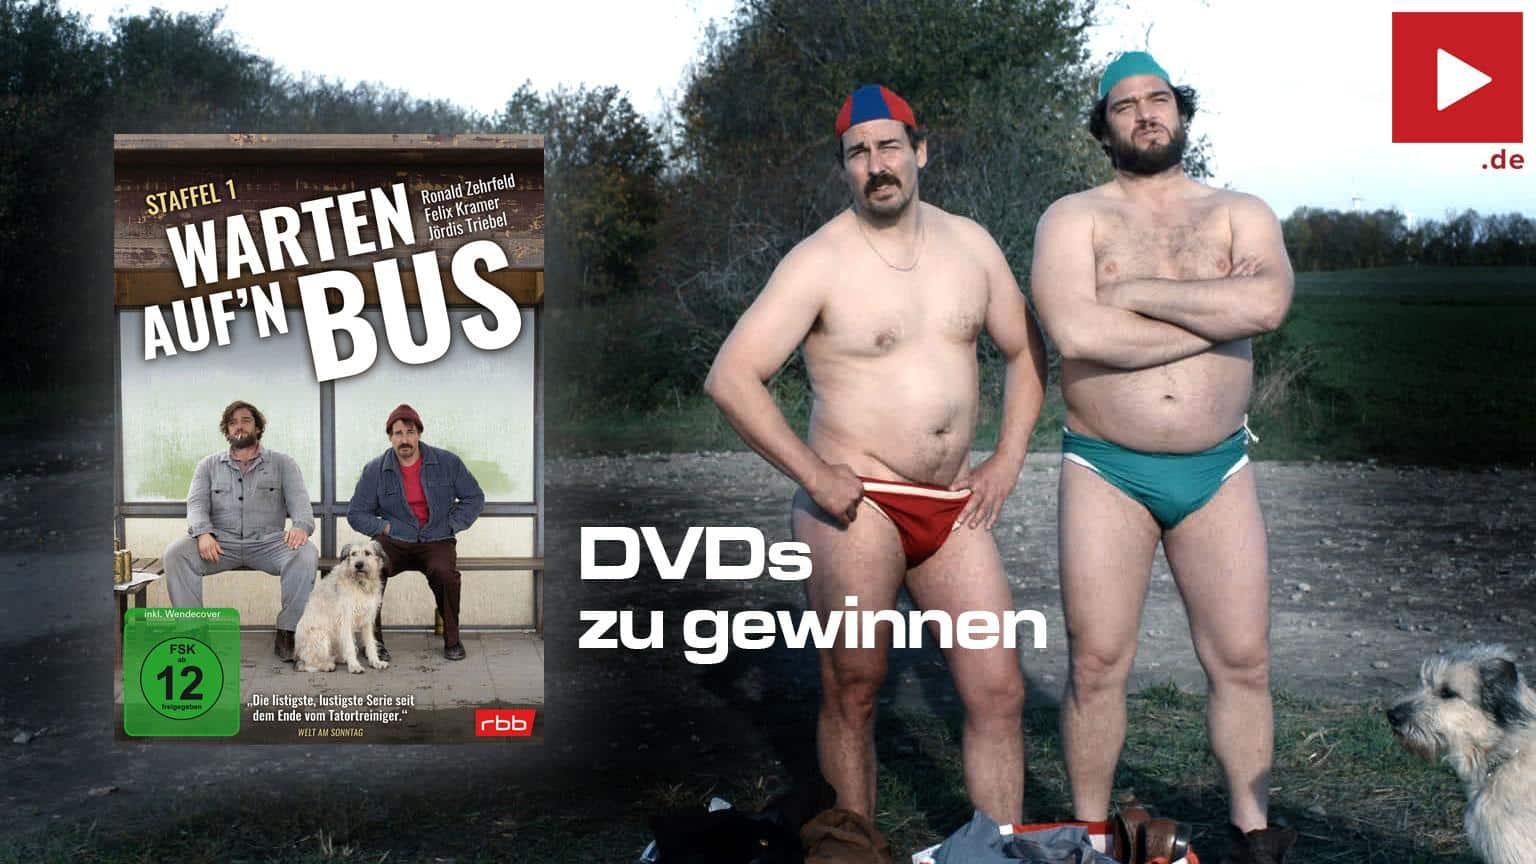 Warten auf'n Bus - Staffel 1 - [DVD] Gewinnspiel Artikelbild shop kaufen